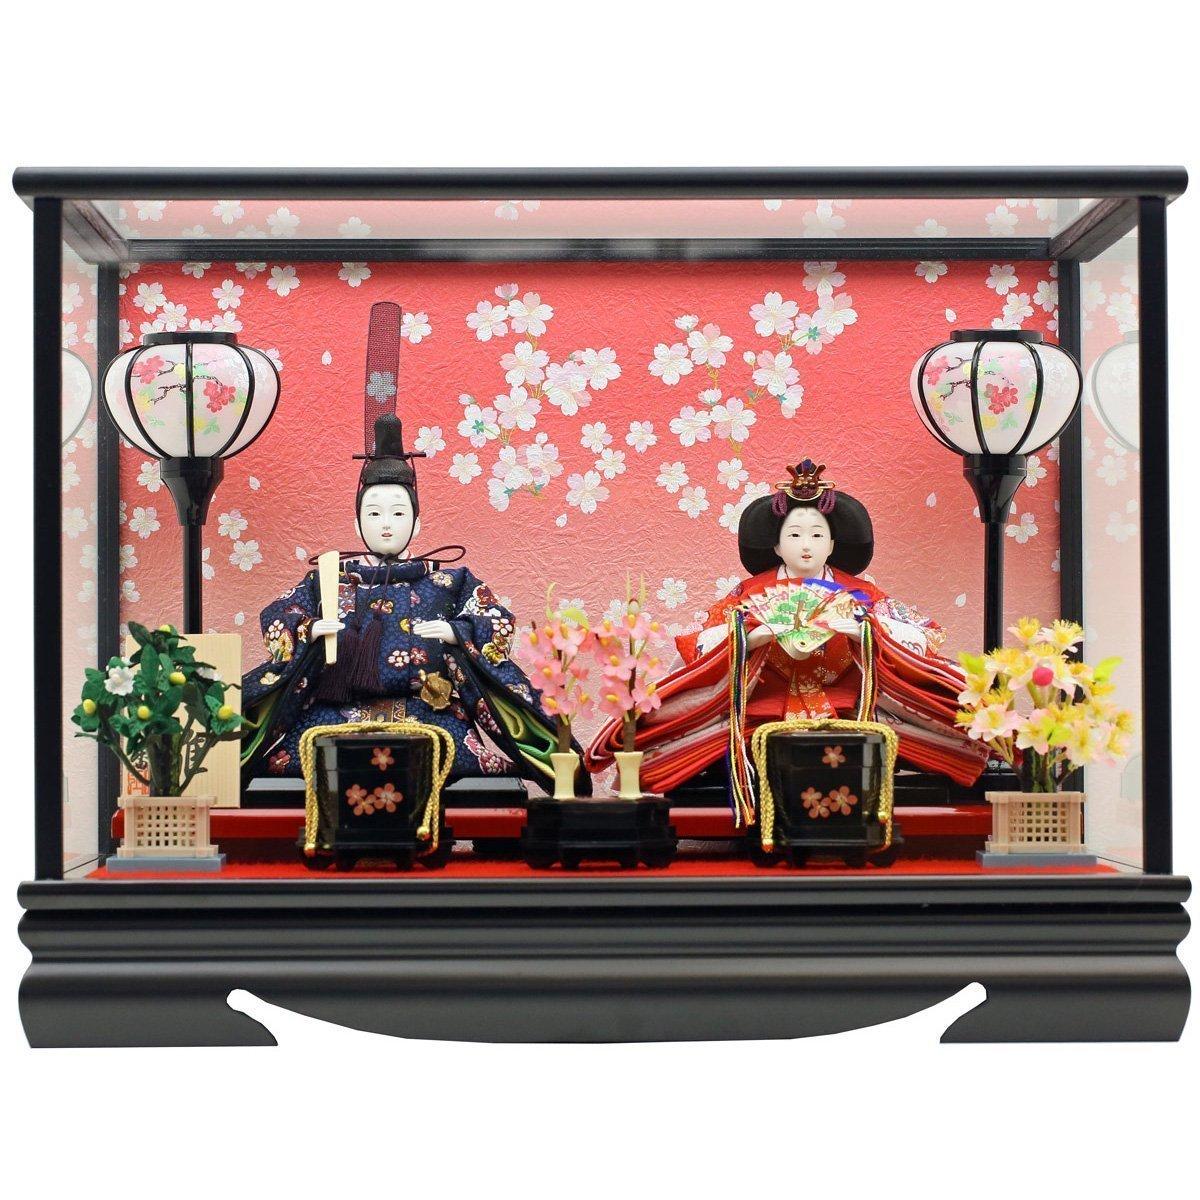 人形工房天祥 雛人形 ケース飾り 親王飾り 衣装着「親王飾り 吉野雛」 横幅47×奥行33×高さ36(cm) 15ao-yosino-a   B00SCSN054